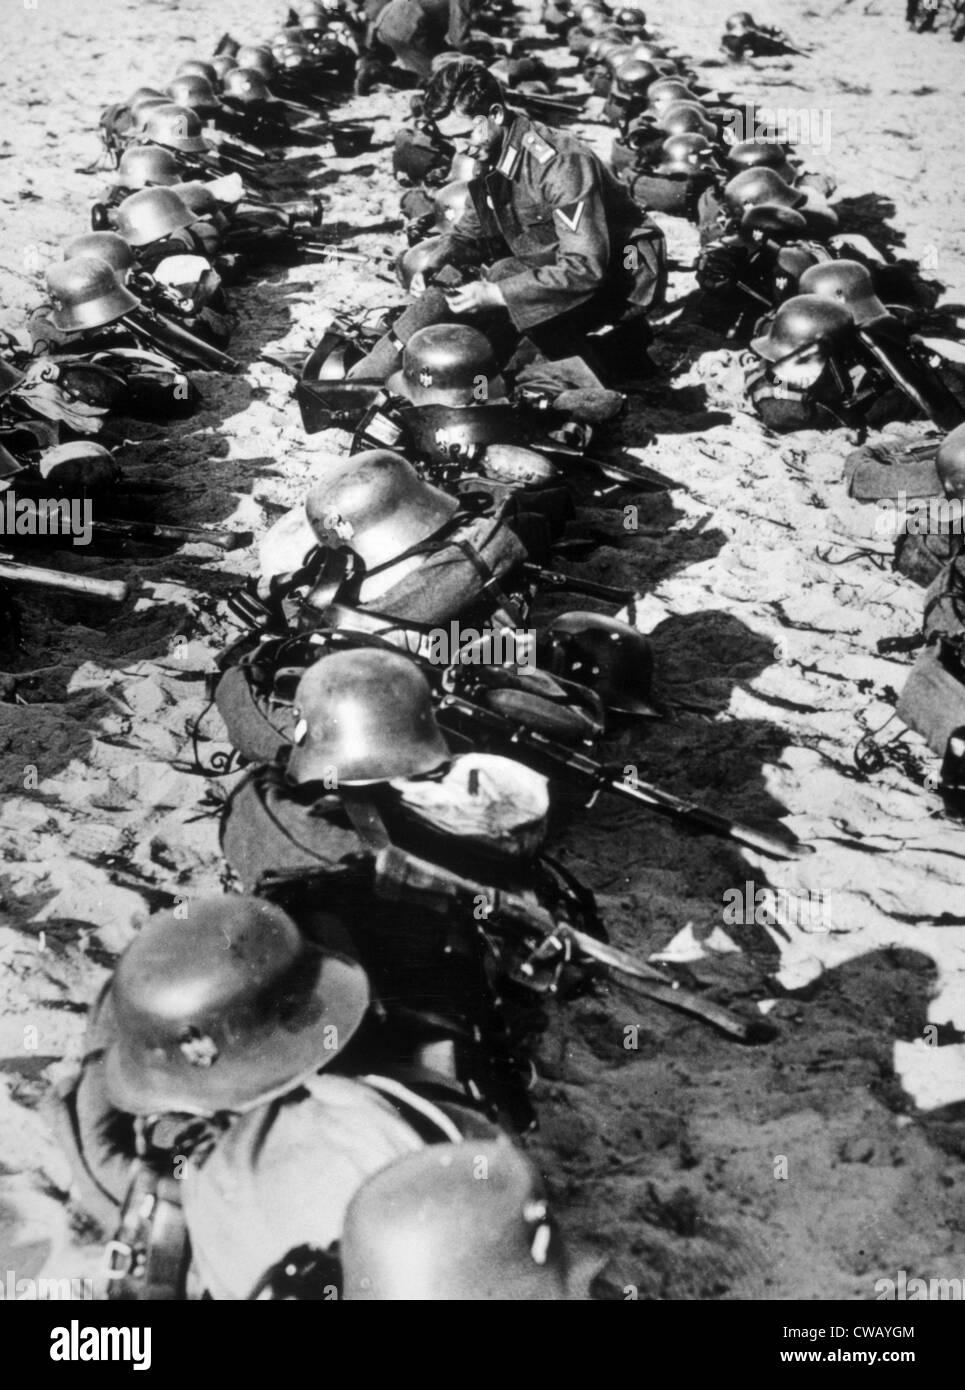 La Alemania nazi, un soldado alemán de inspección de cascos de acero y otros equipos para la Wehrmacht Imagen De Stock